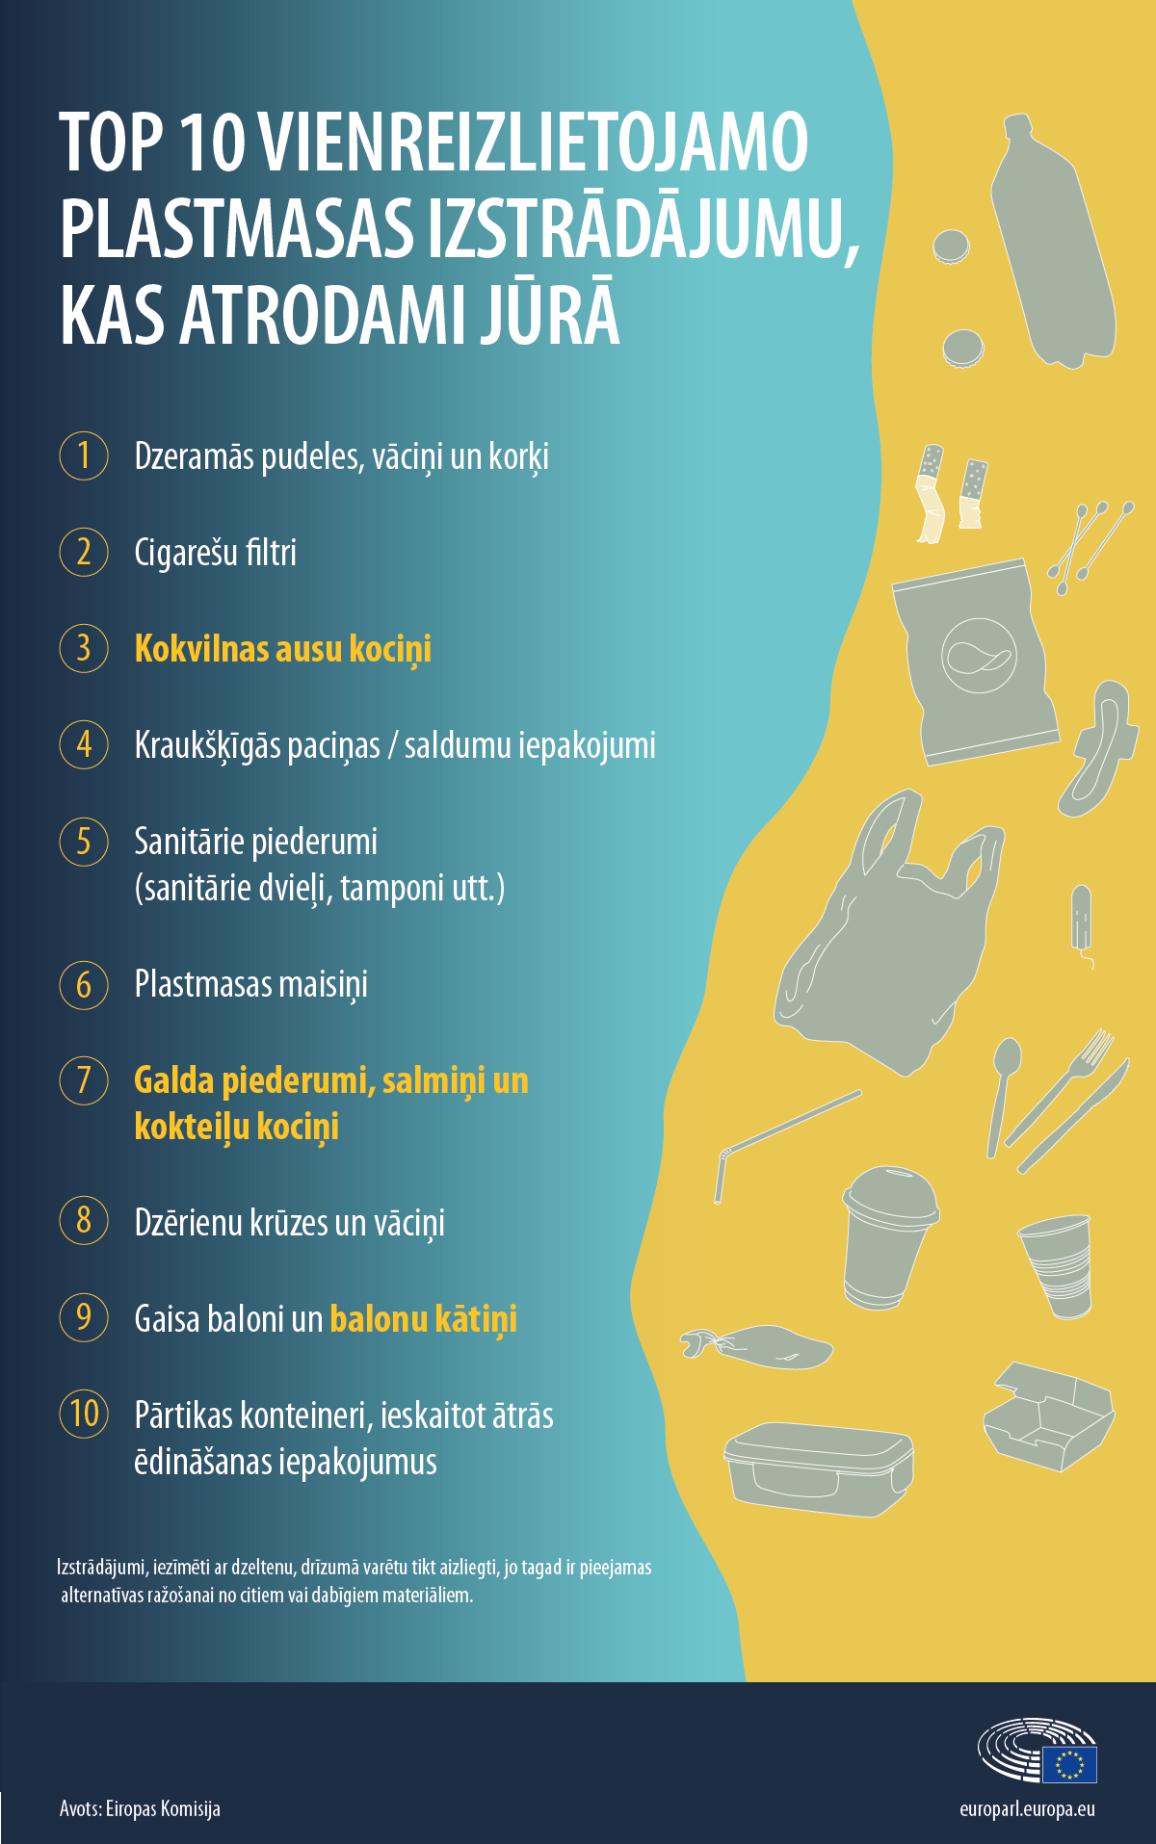 Infografikā 3 redzam TOP 10 vienreizlietojamo plastmasas izstrādājumu, visbiežāk sastopami jūras krastos.